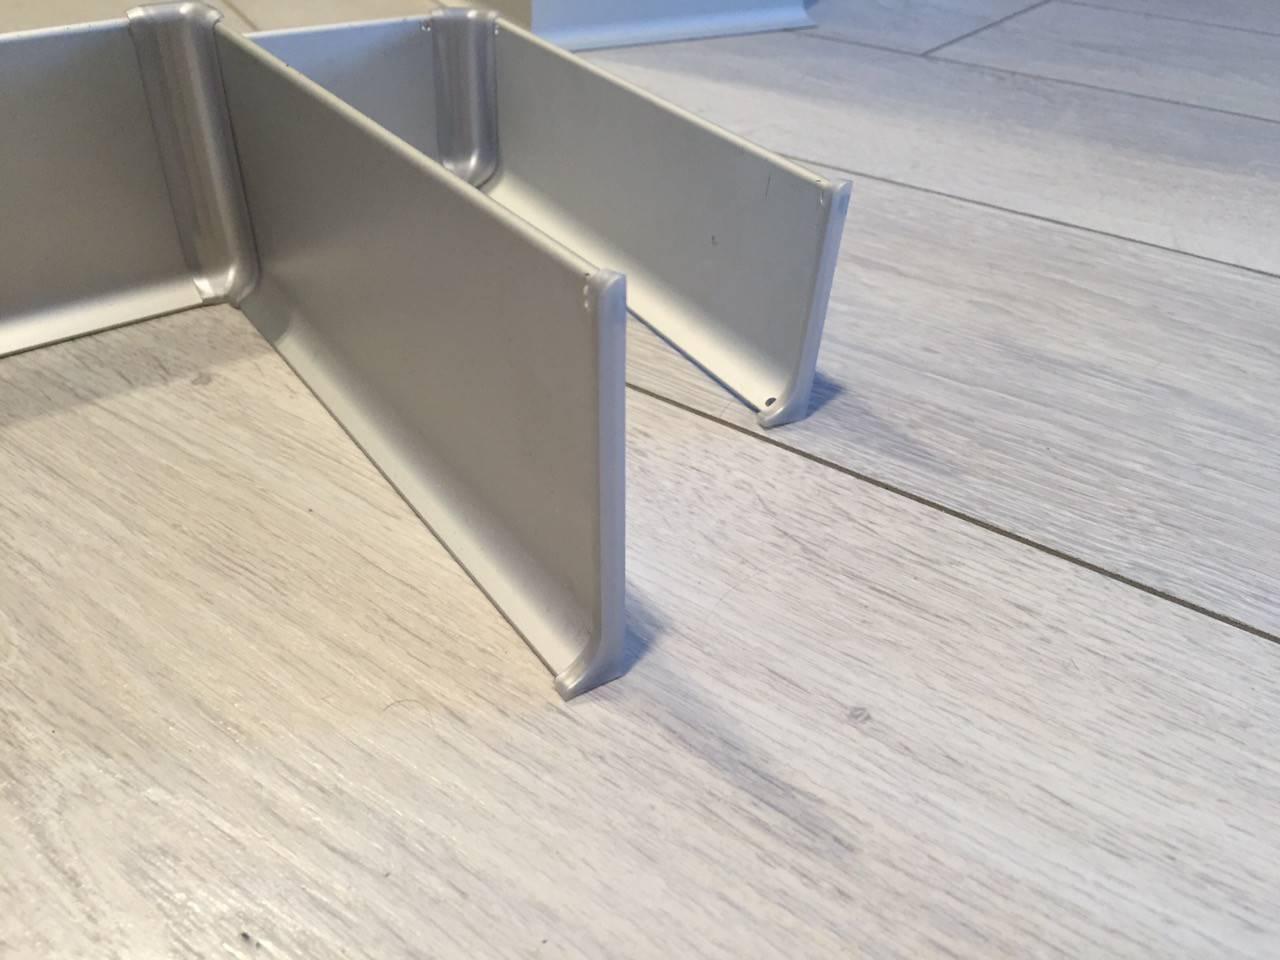 Алюминиевый плинтус – описание, плюсы и минусы, основные виды, вариант с подсветкой